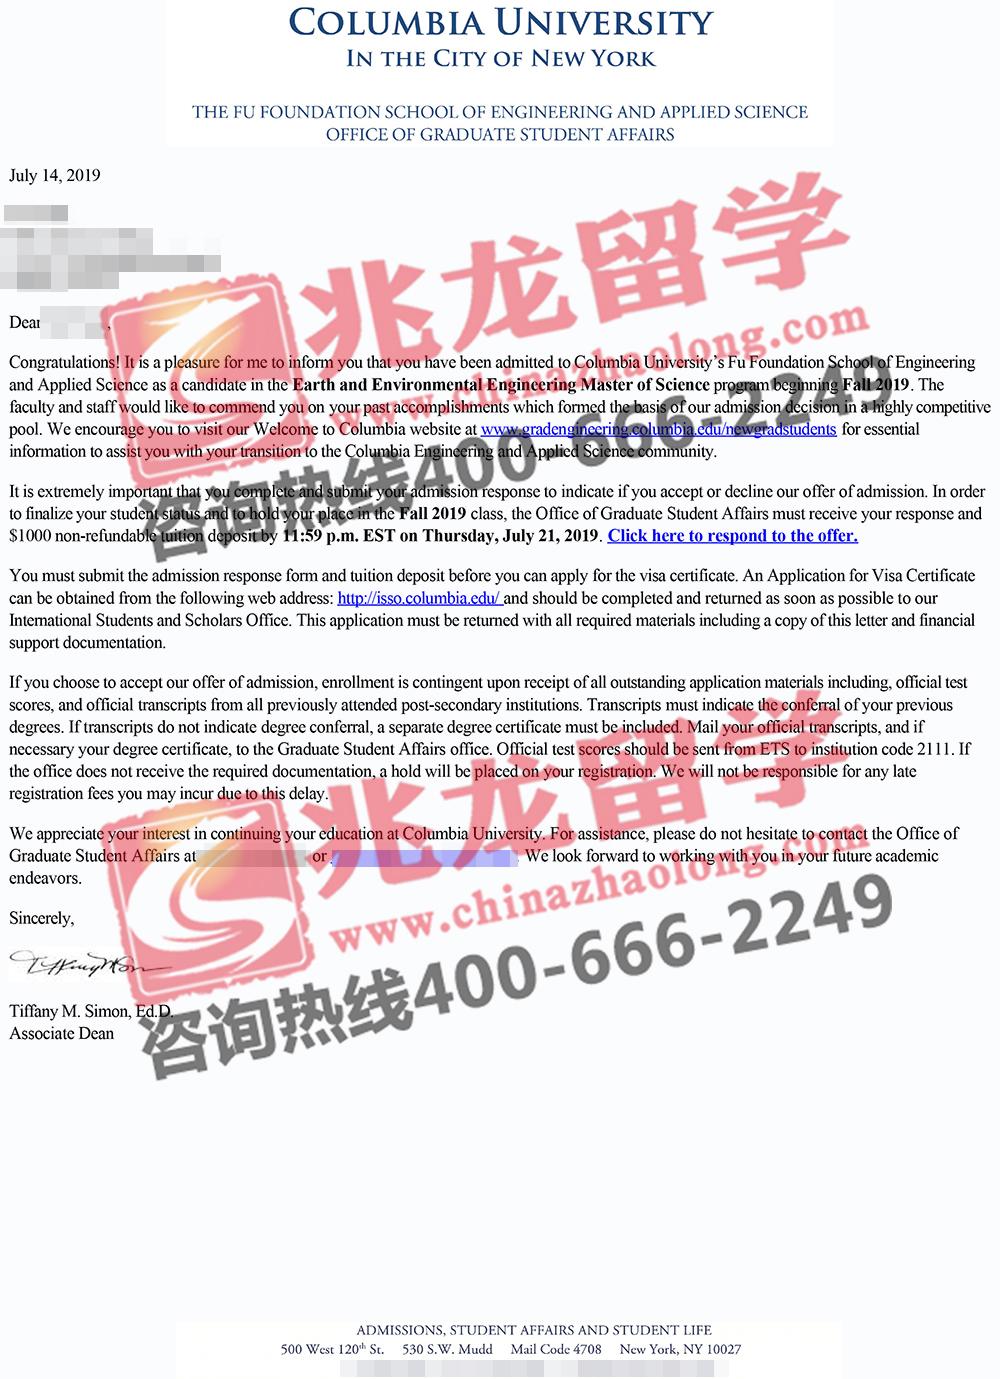 原bo-哥伦比亚大学-环境工程offer-兆龙留学.jpg